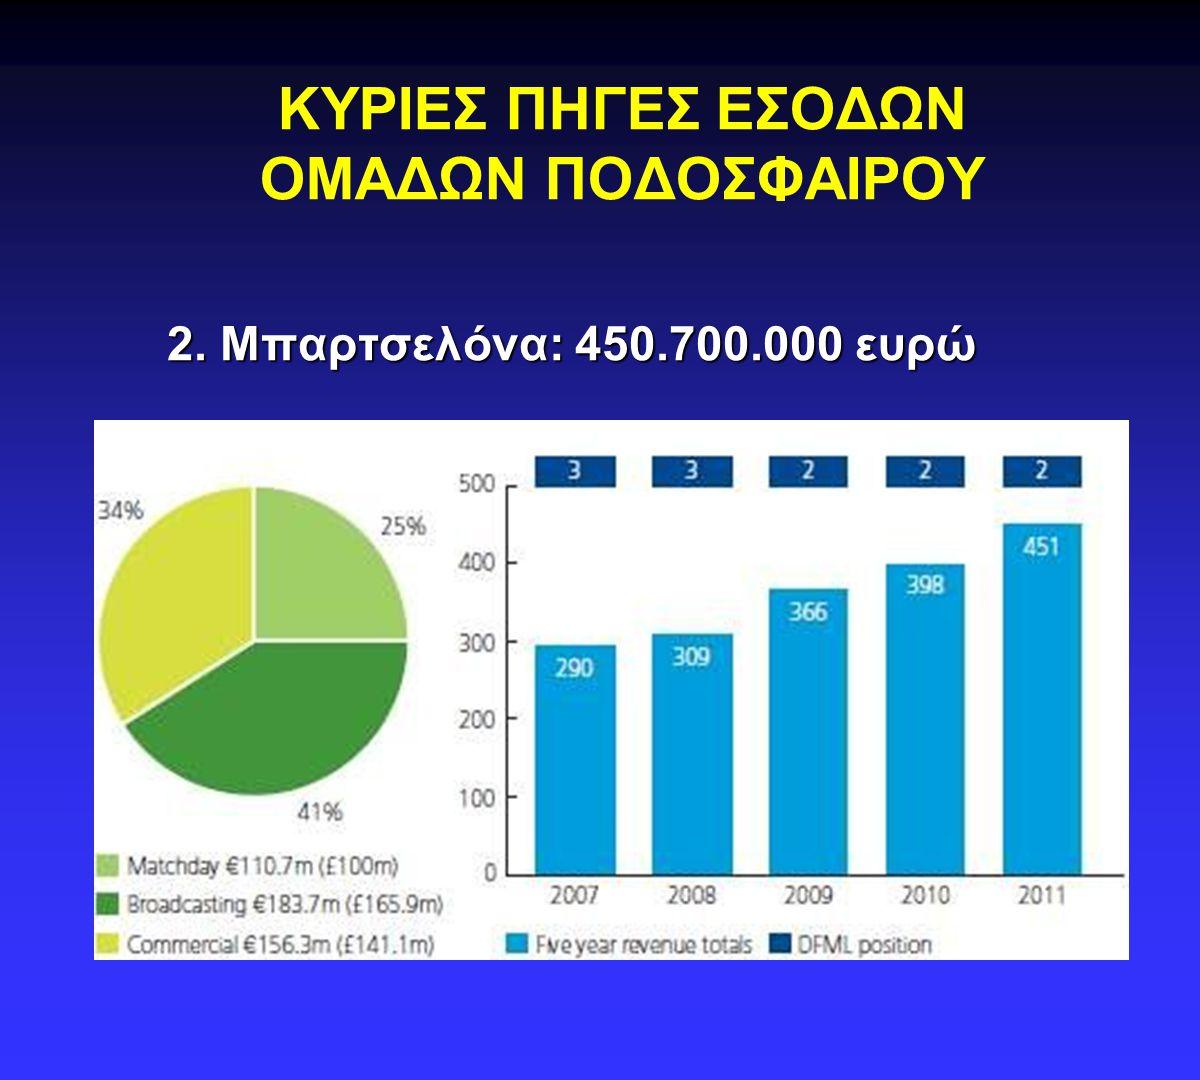 ΓΗΠΕΔΟ Μ.U. - VODAFONE